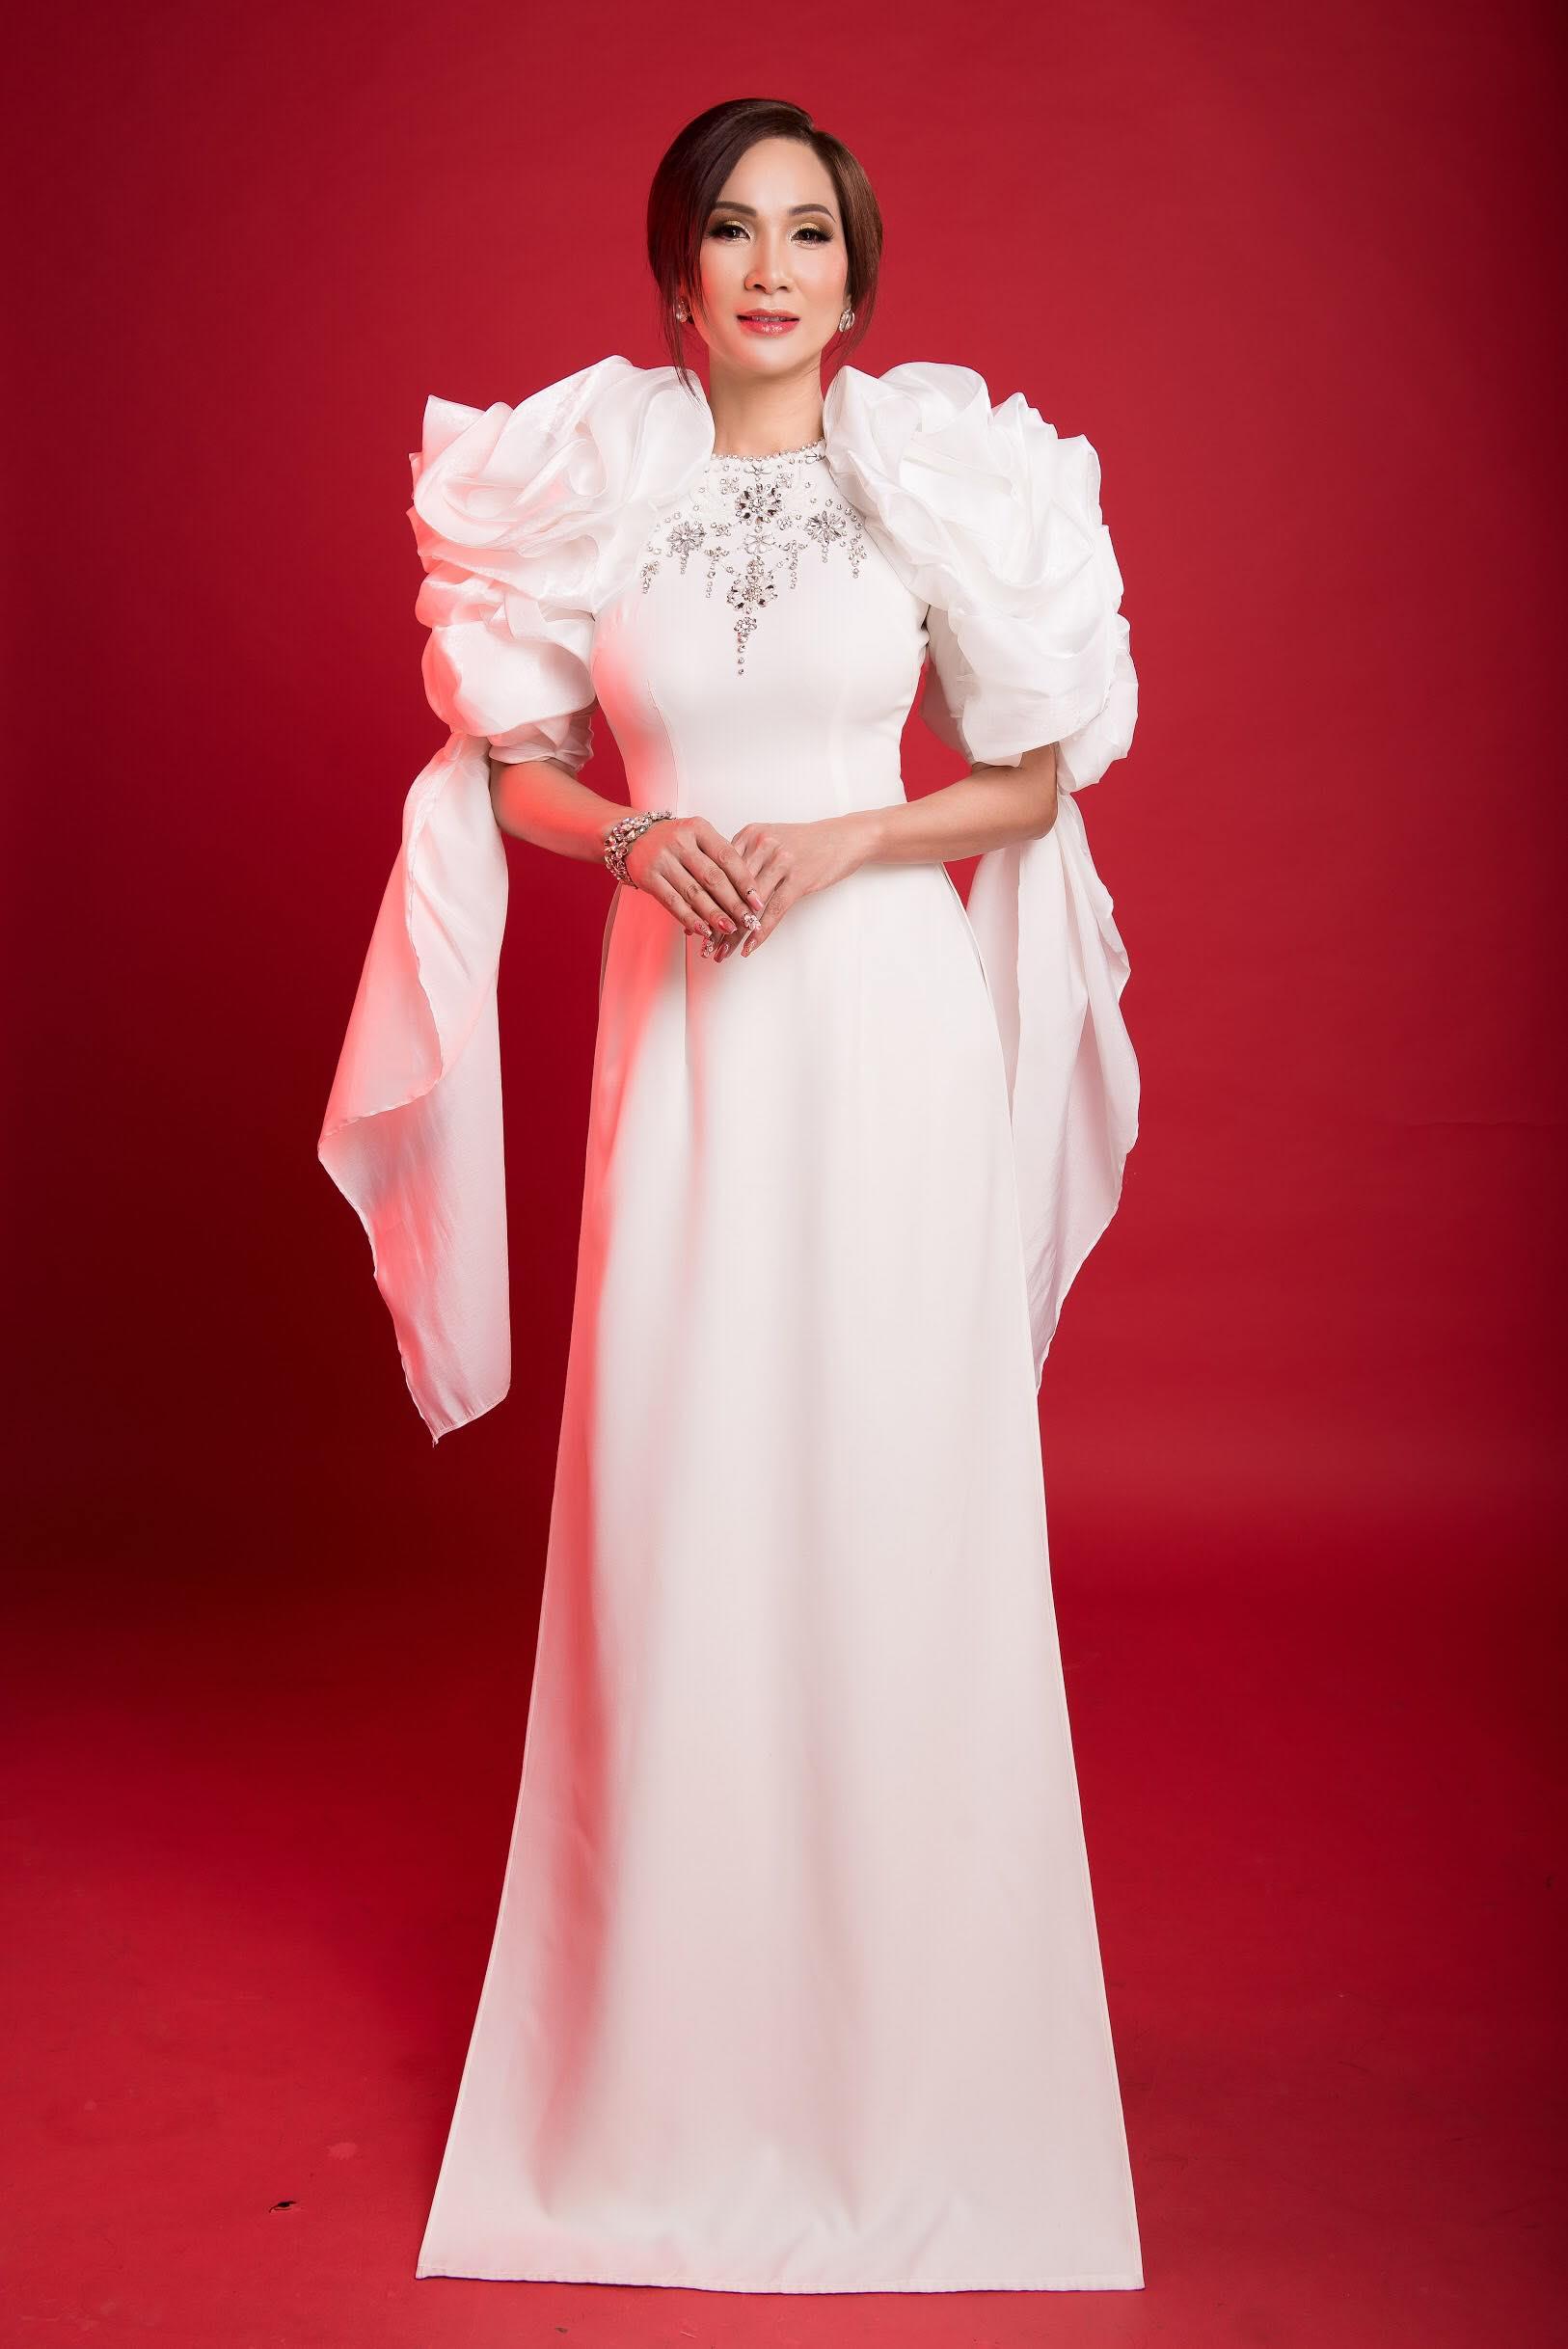 Hoa hậu VickyLin Đinh háo hức tổ chức cuộc thi nhan sắc tại Mỹ 5